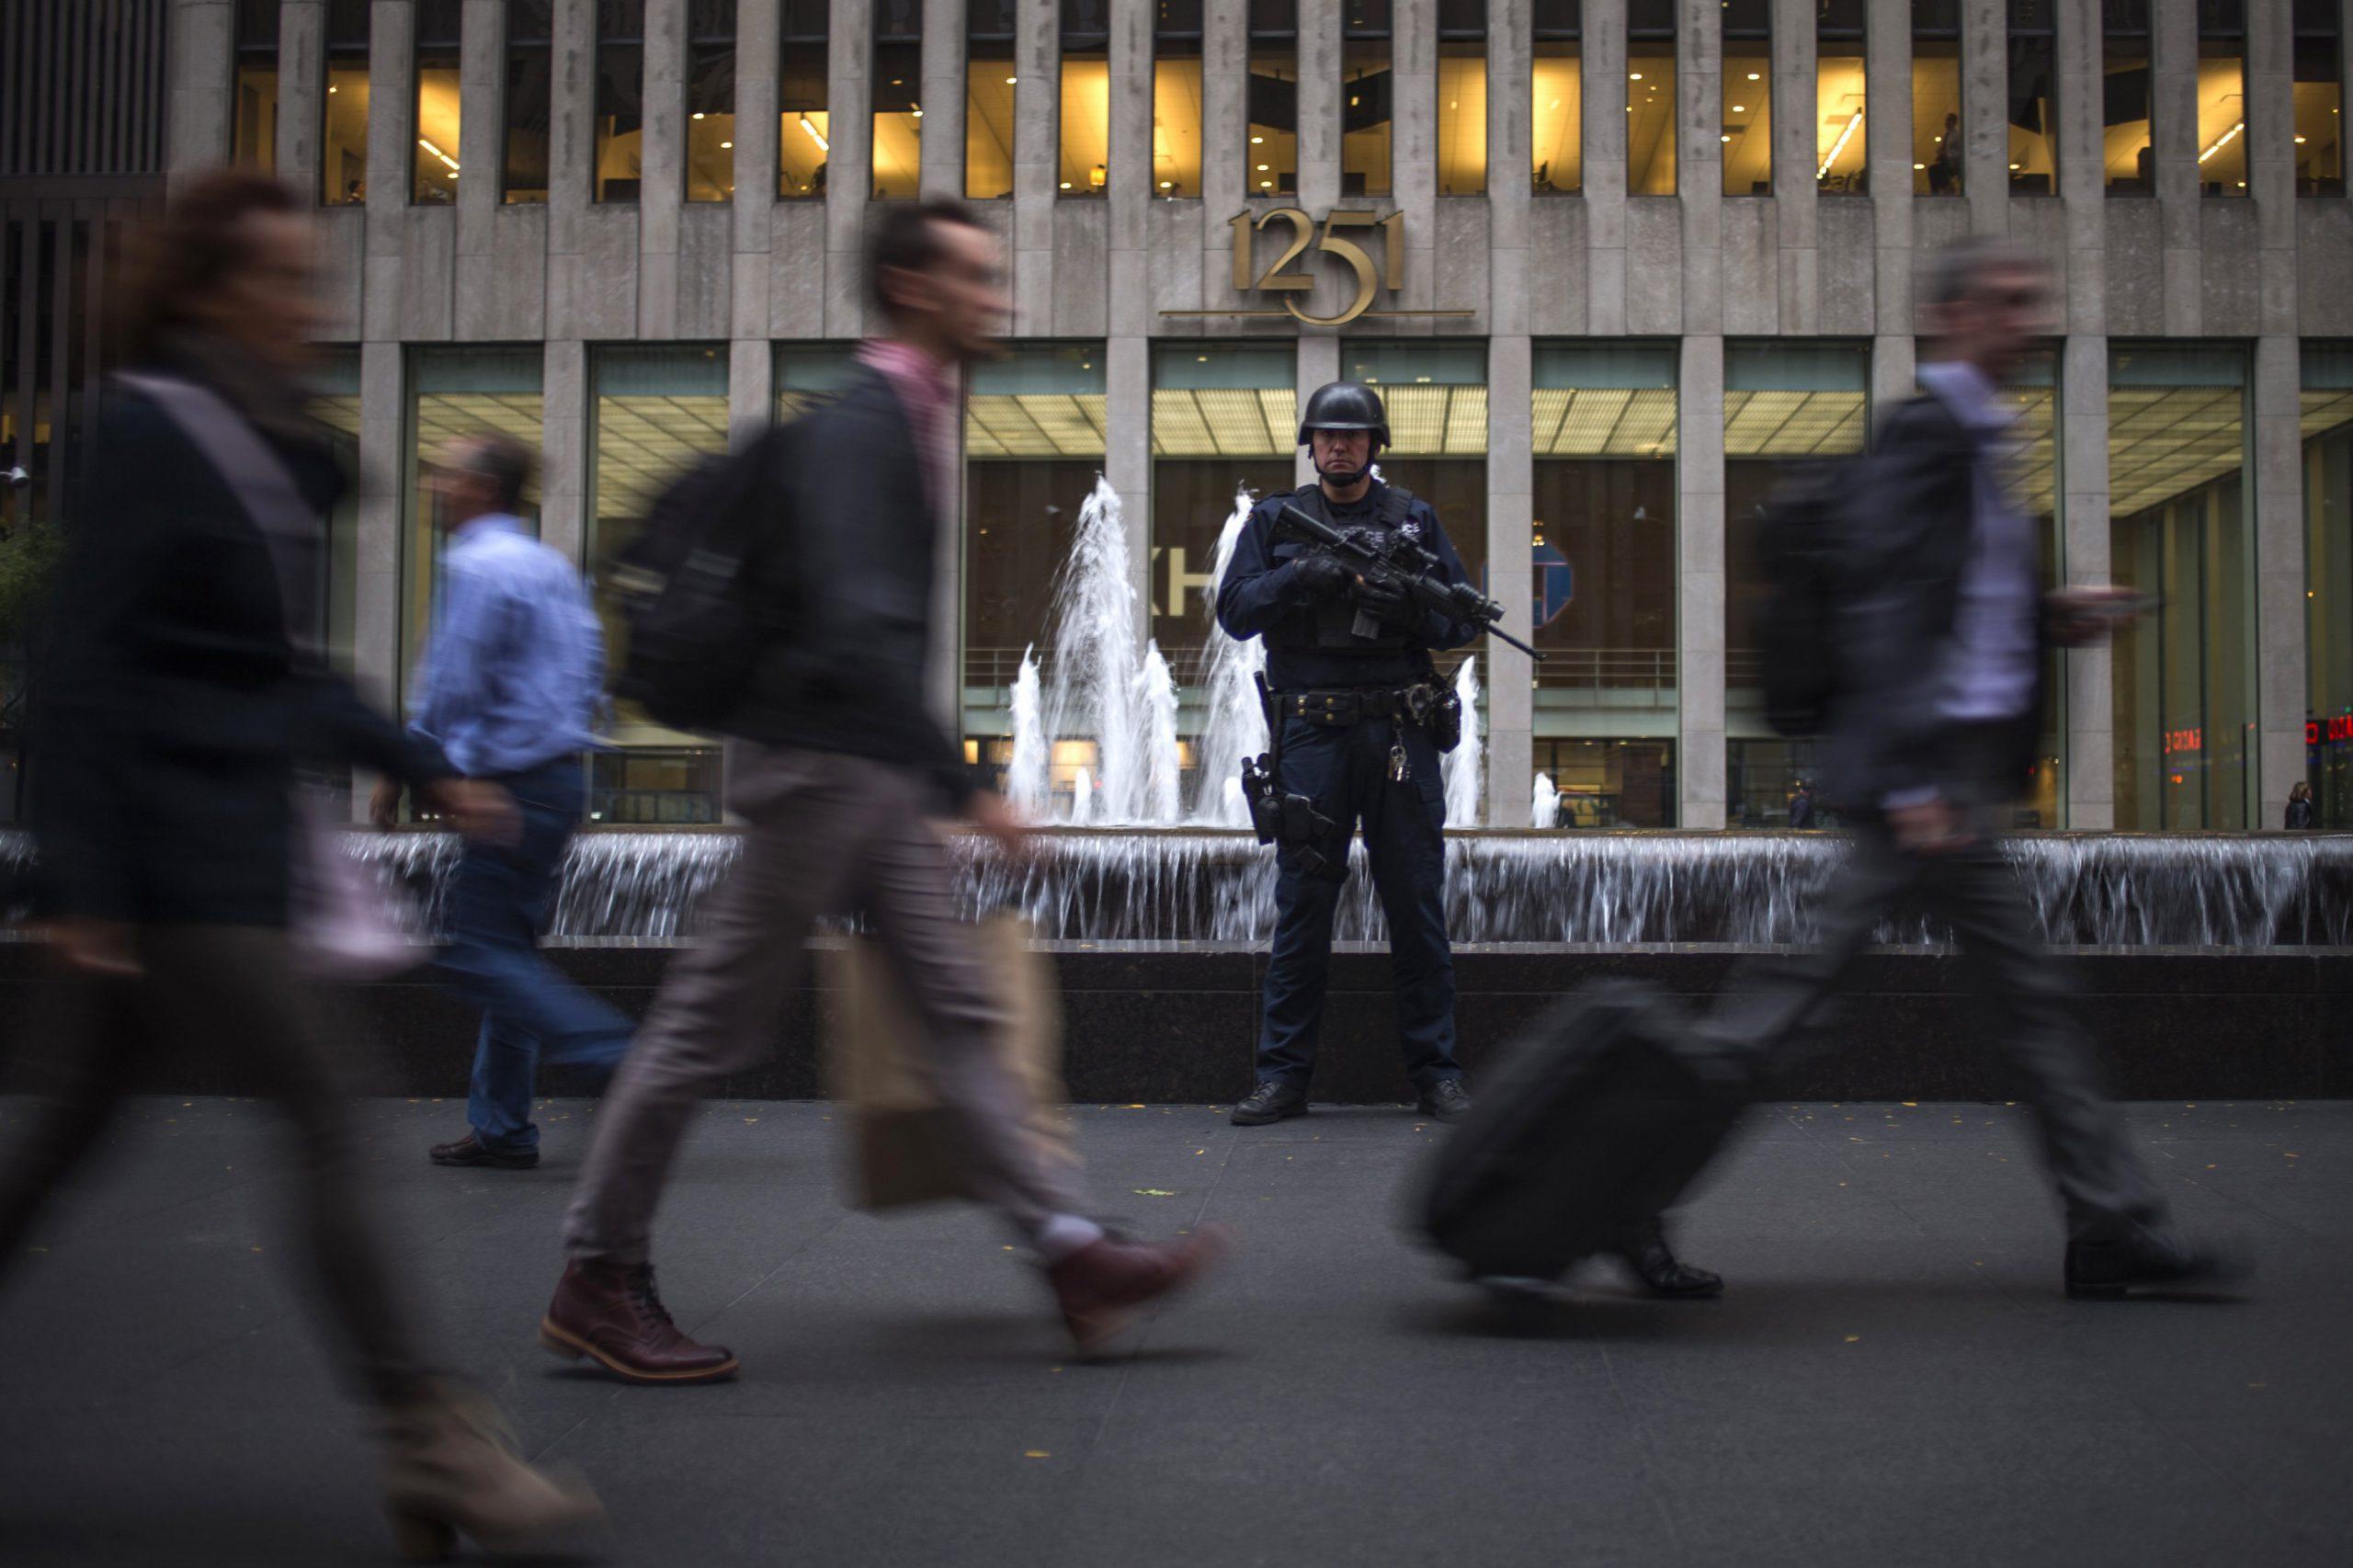 The six dangers of overreacting to terrorism